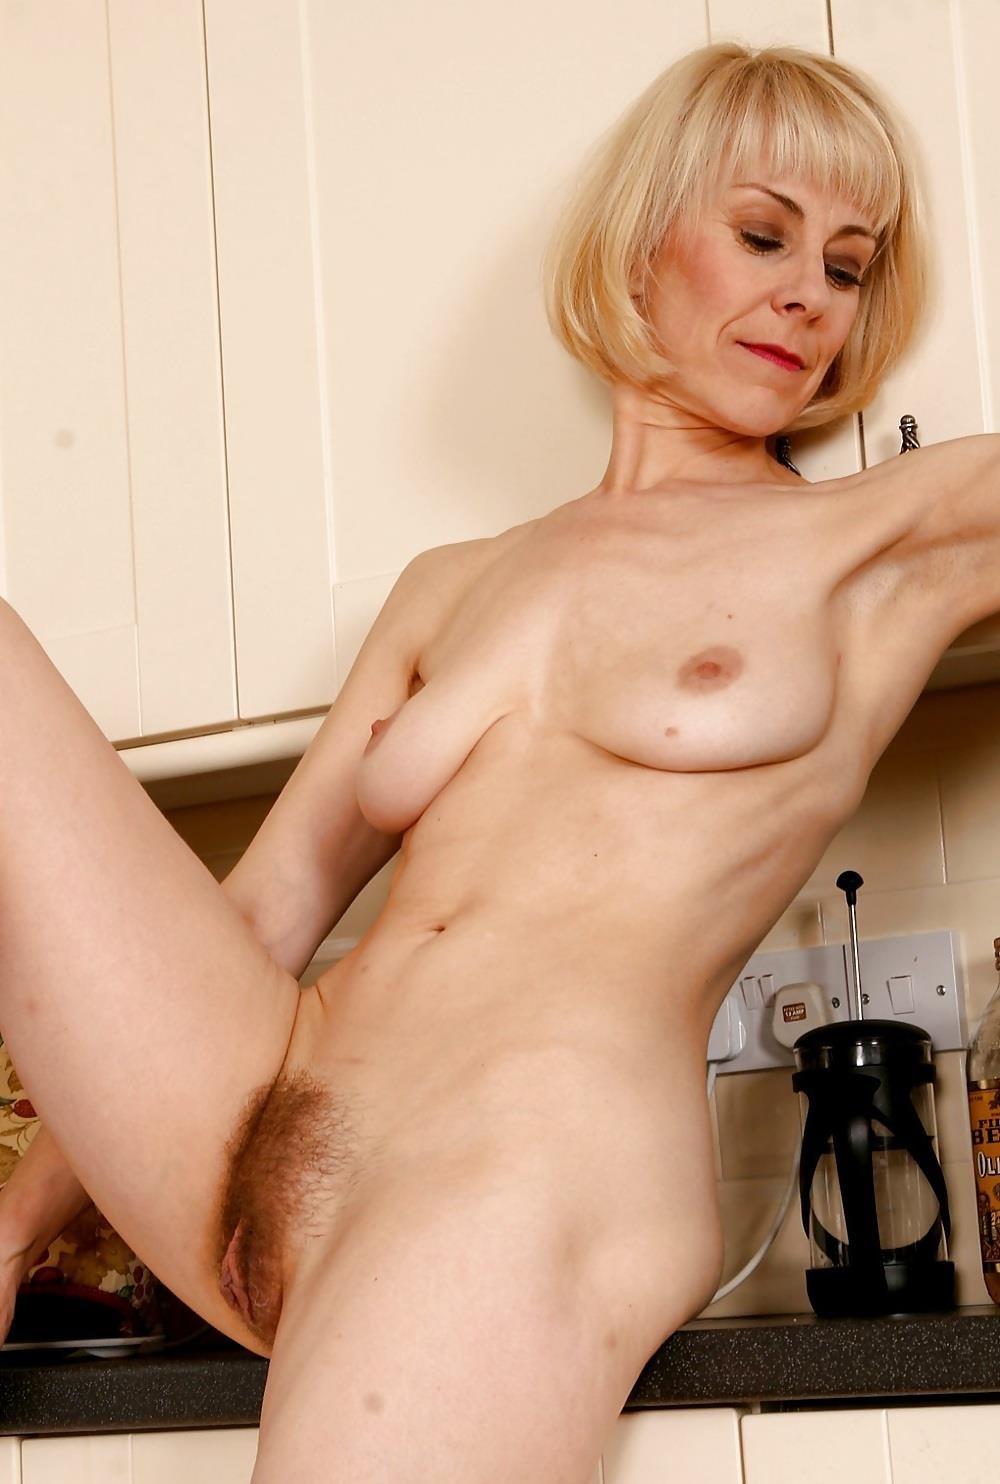 Big mature porn pics-2806